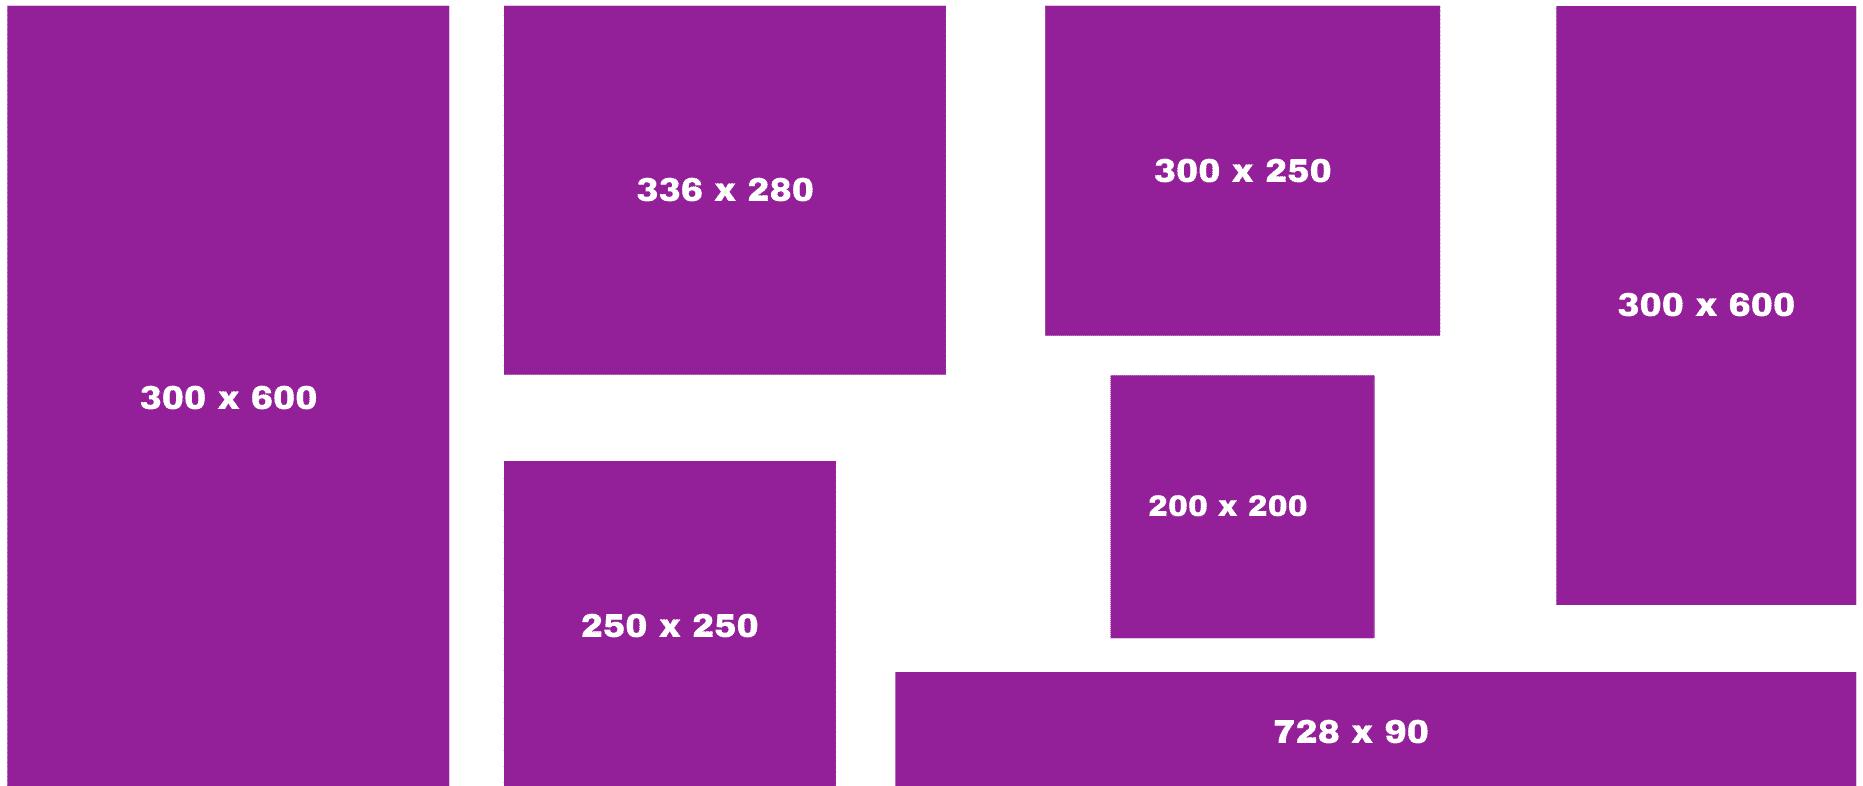 Meest voorkomende formaten voor de desktop